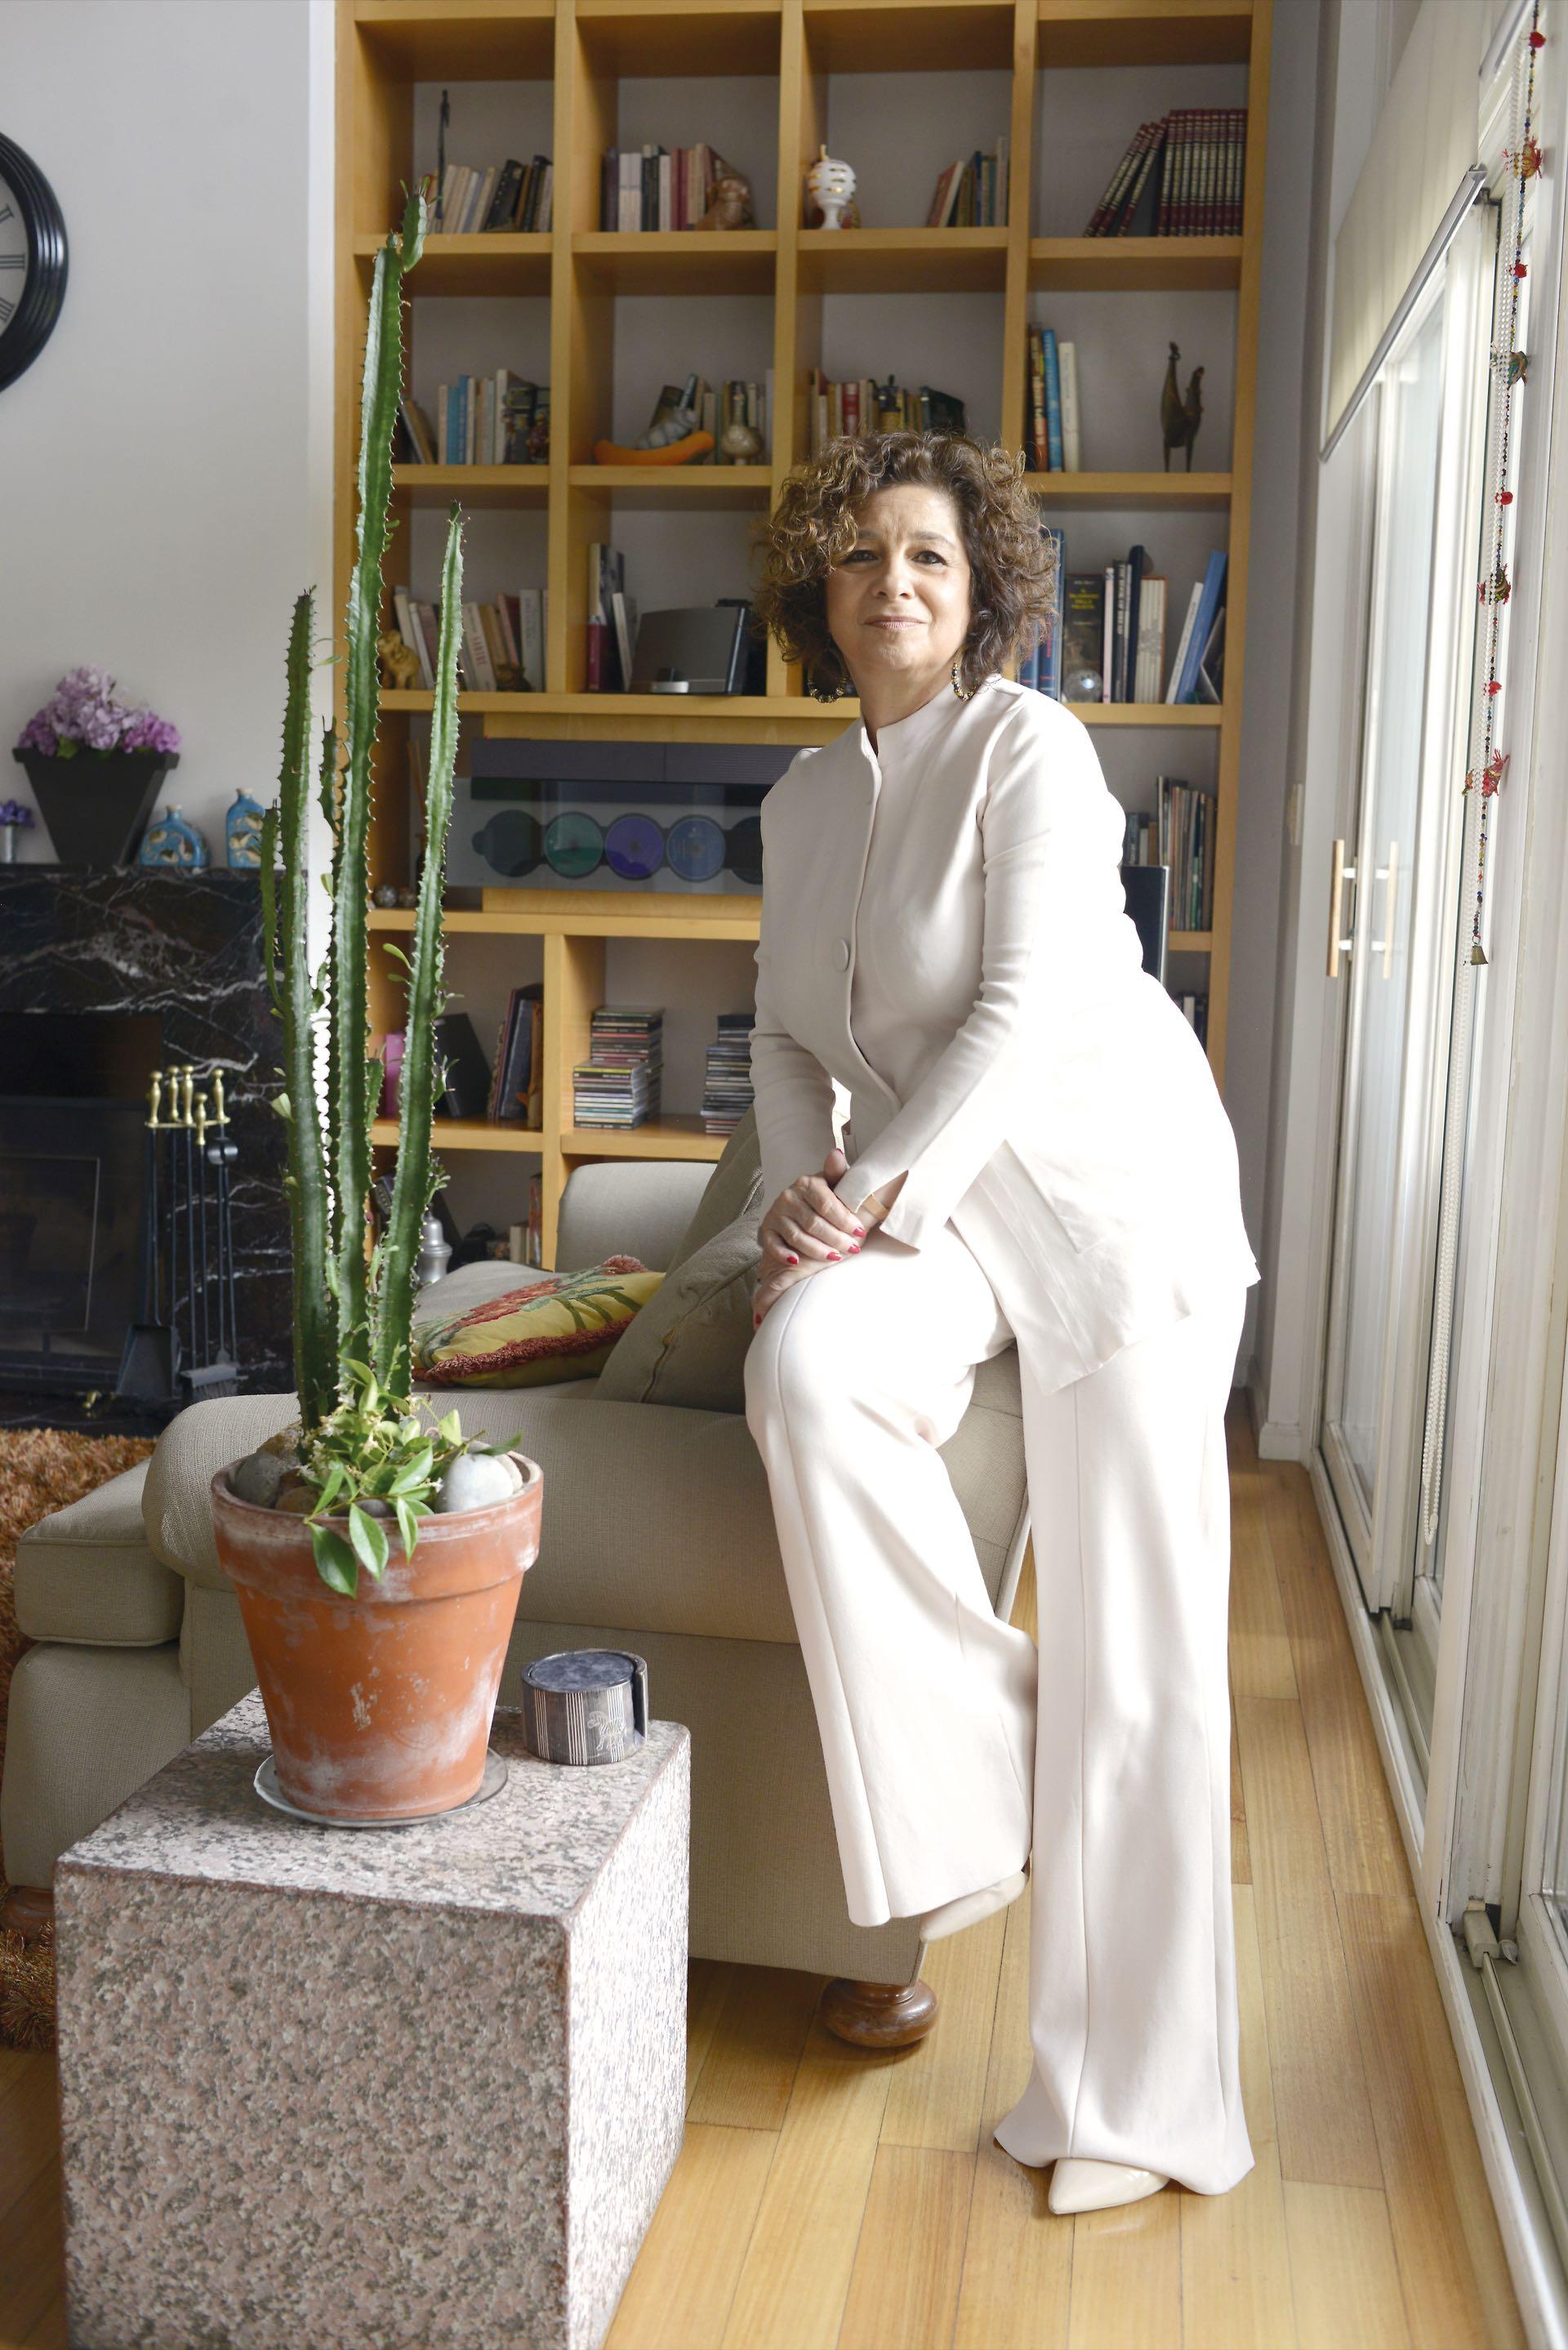 Mirta Romay es la creadorade Teatrix, la plataformade obras de teatrotanto nacionales comointernacionales.